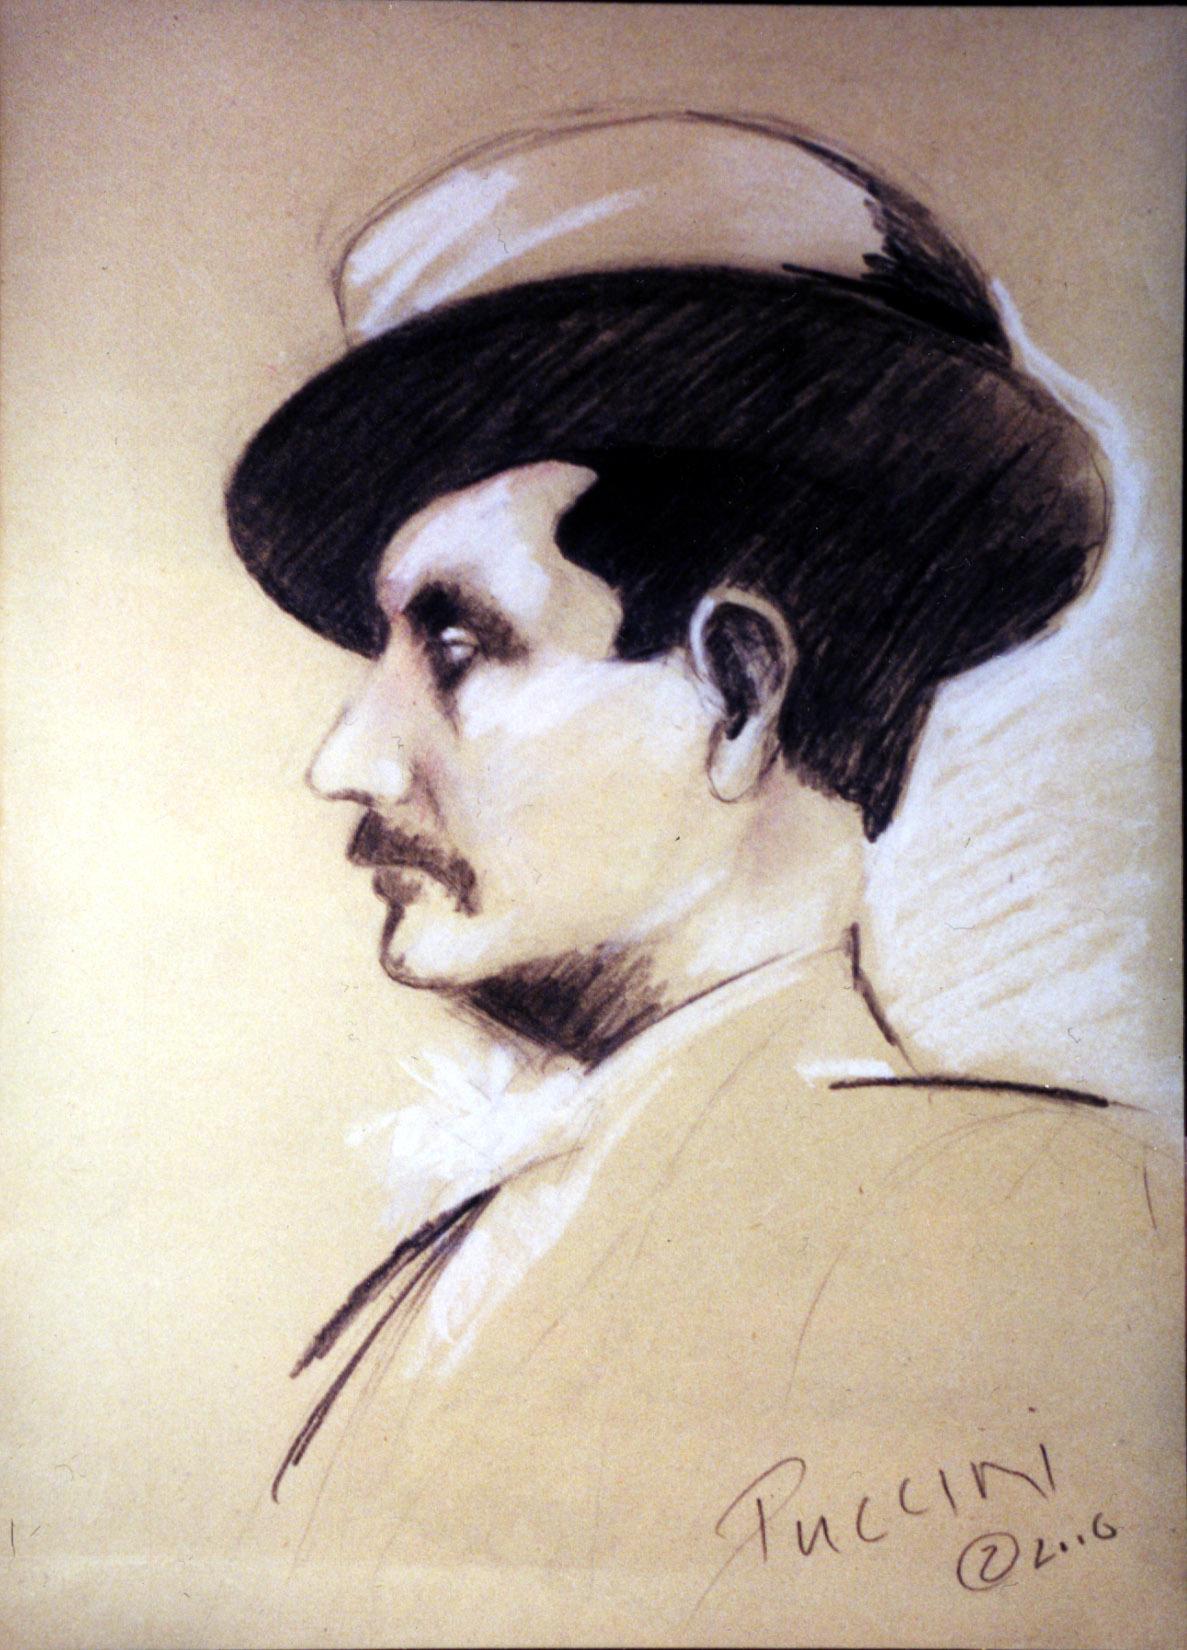 Puccini CD